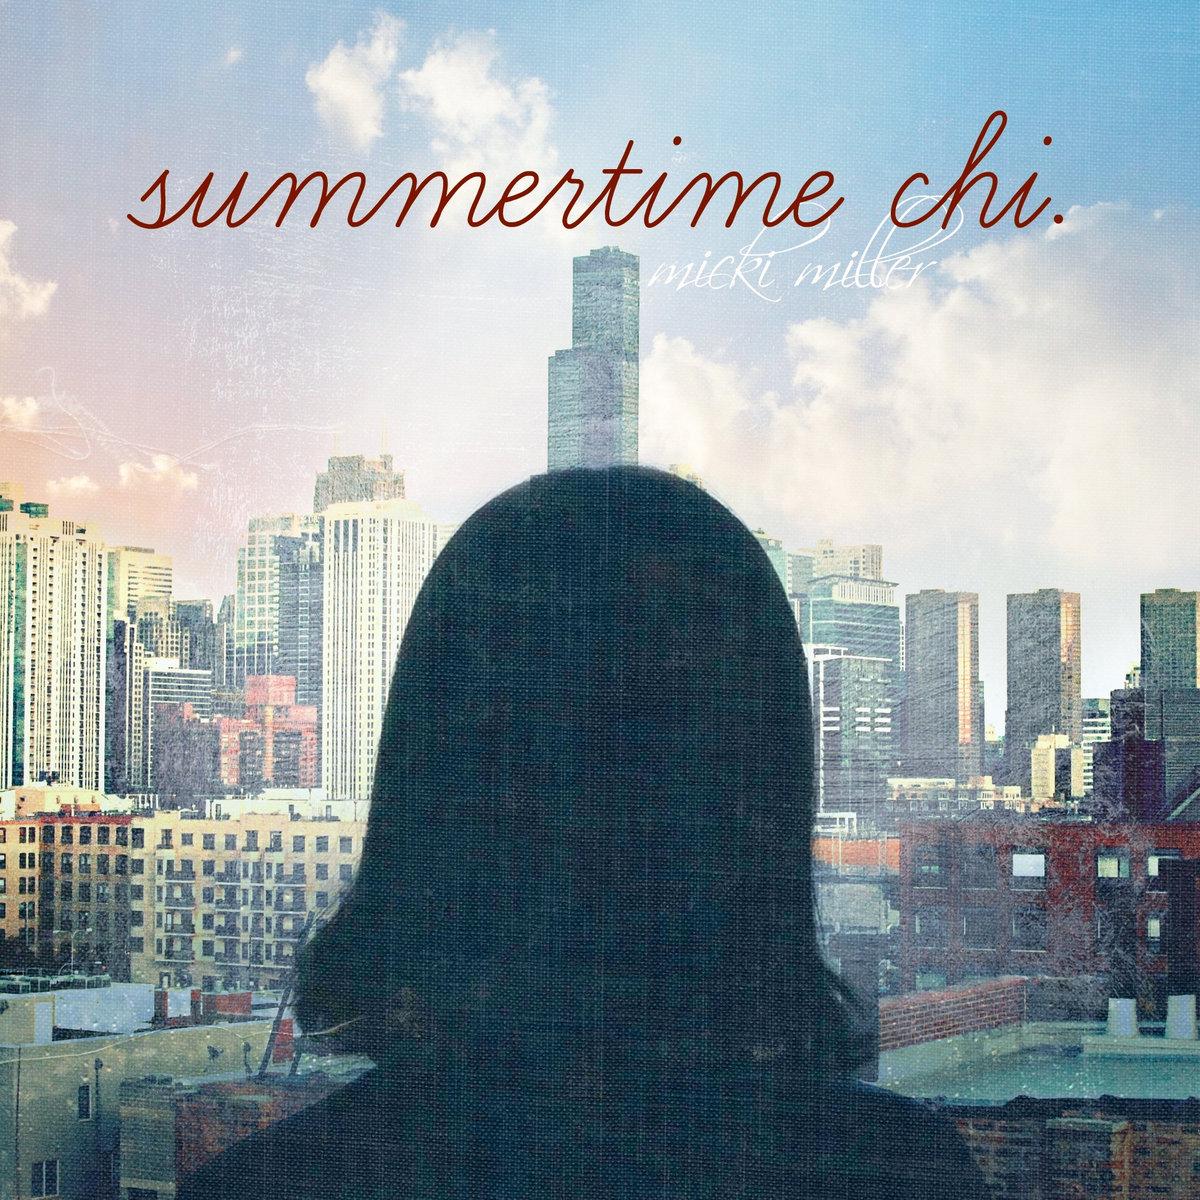 ARTIST:  MICKI MILLER   ALBUM: SUMMERTIME CHI